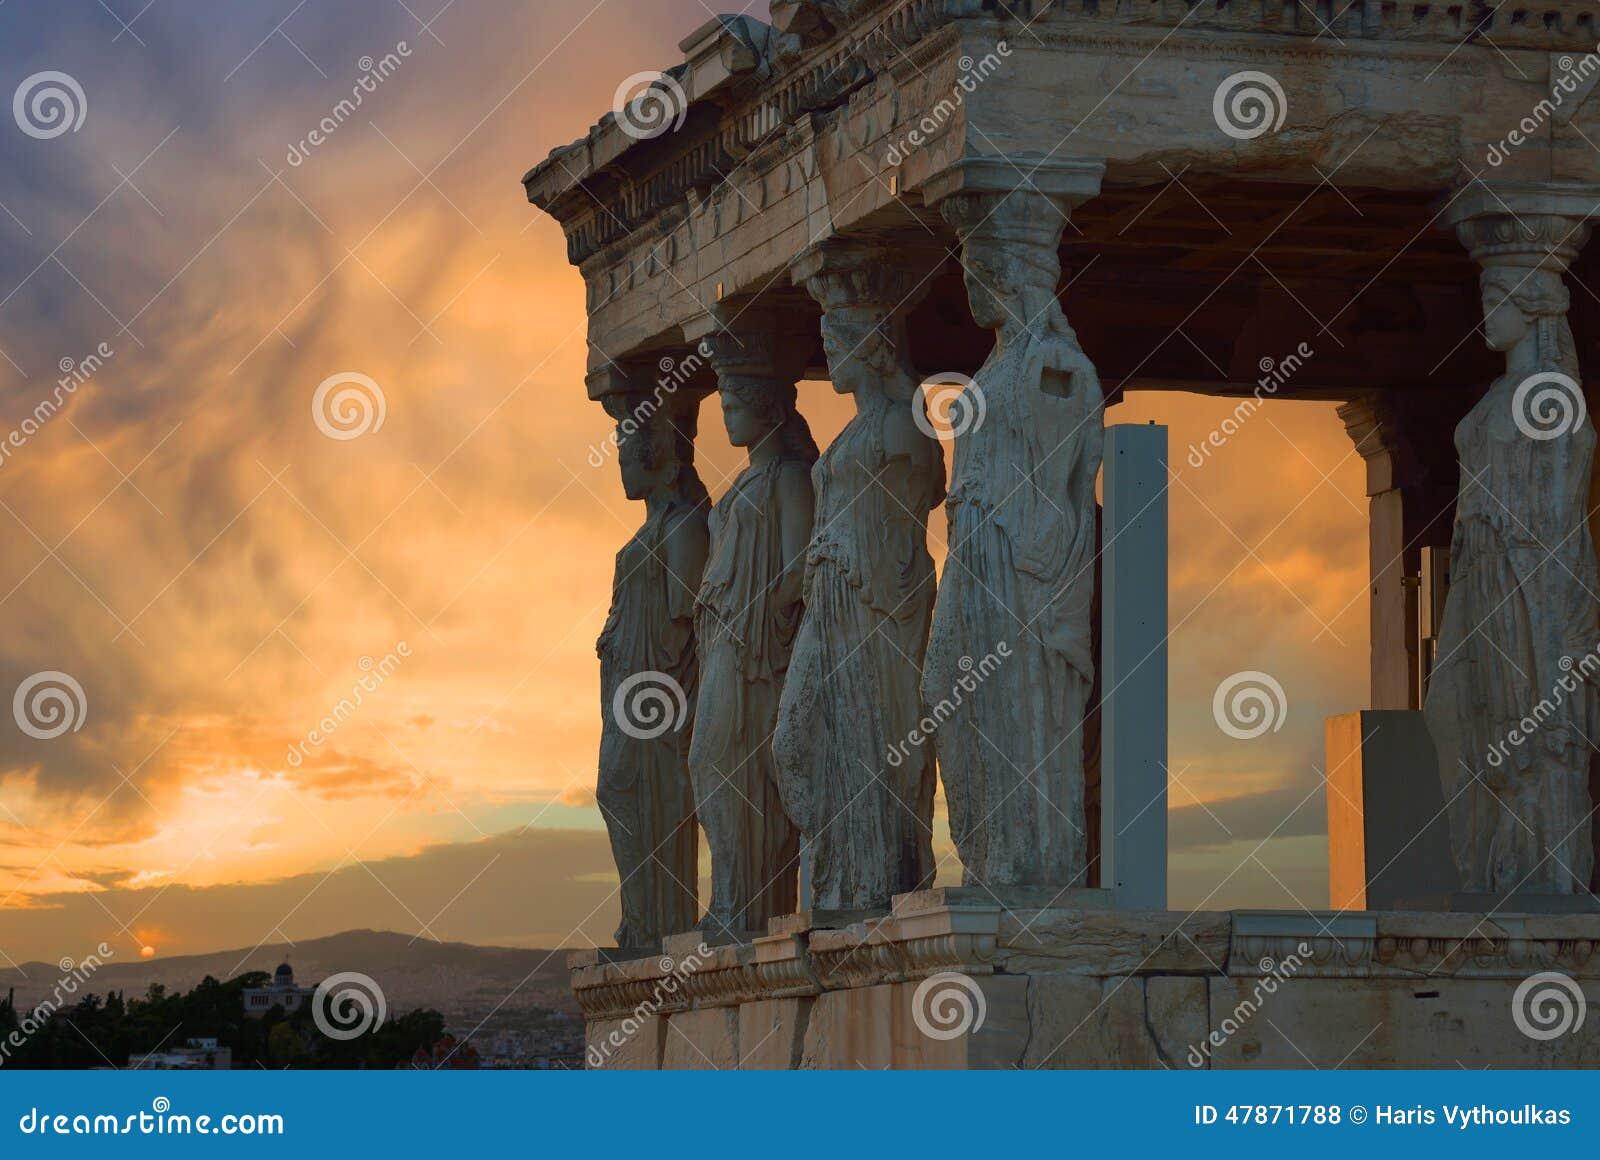 Kariatydy, Erechteion, Parthenon na akropolu